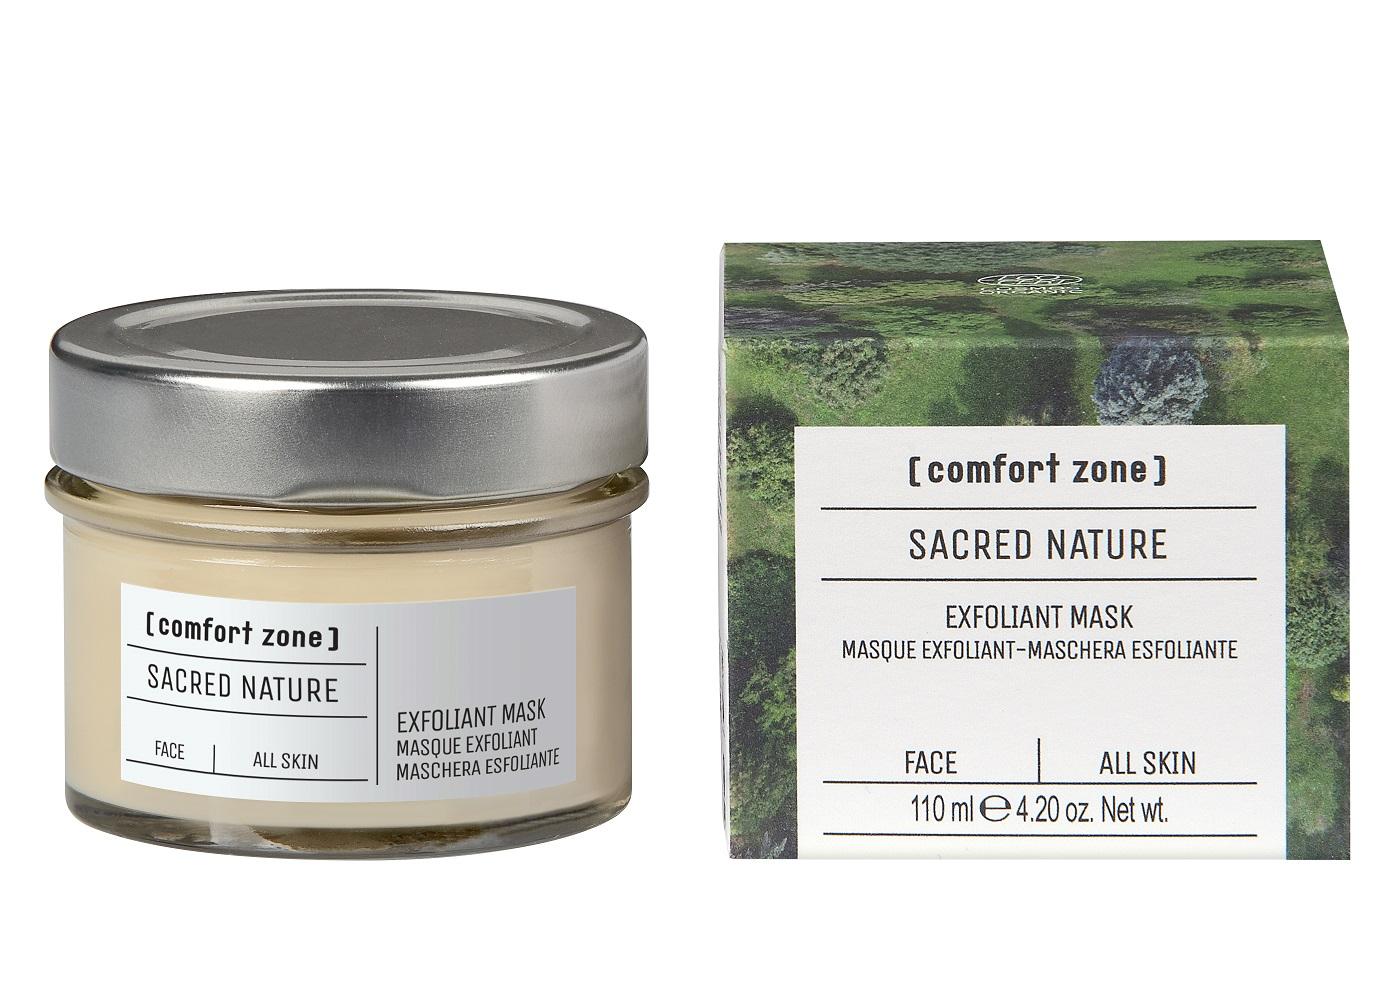 Comfort Zone Sacred Nature Exfoliant Mask, 110 ml